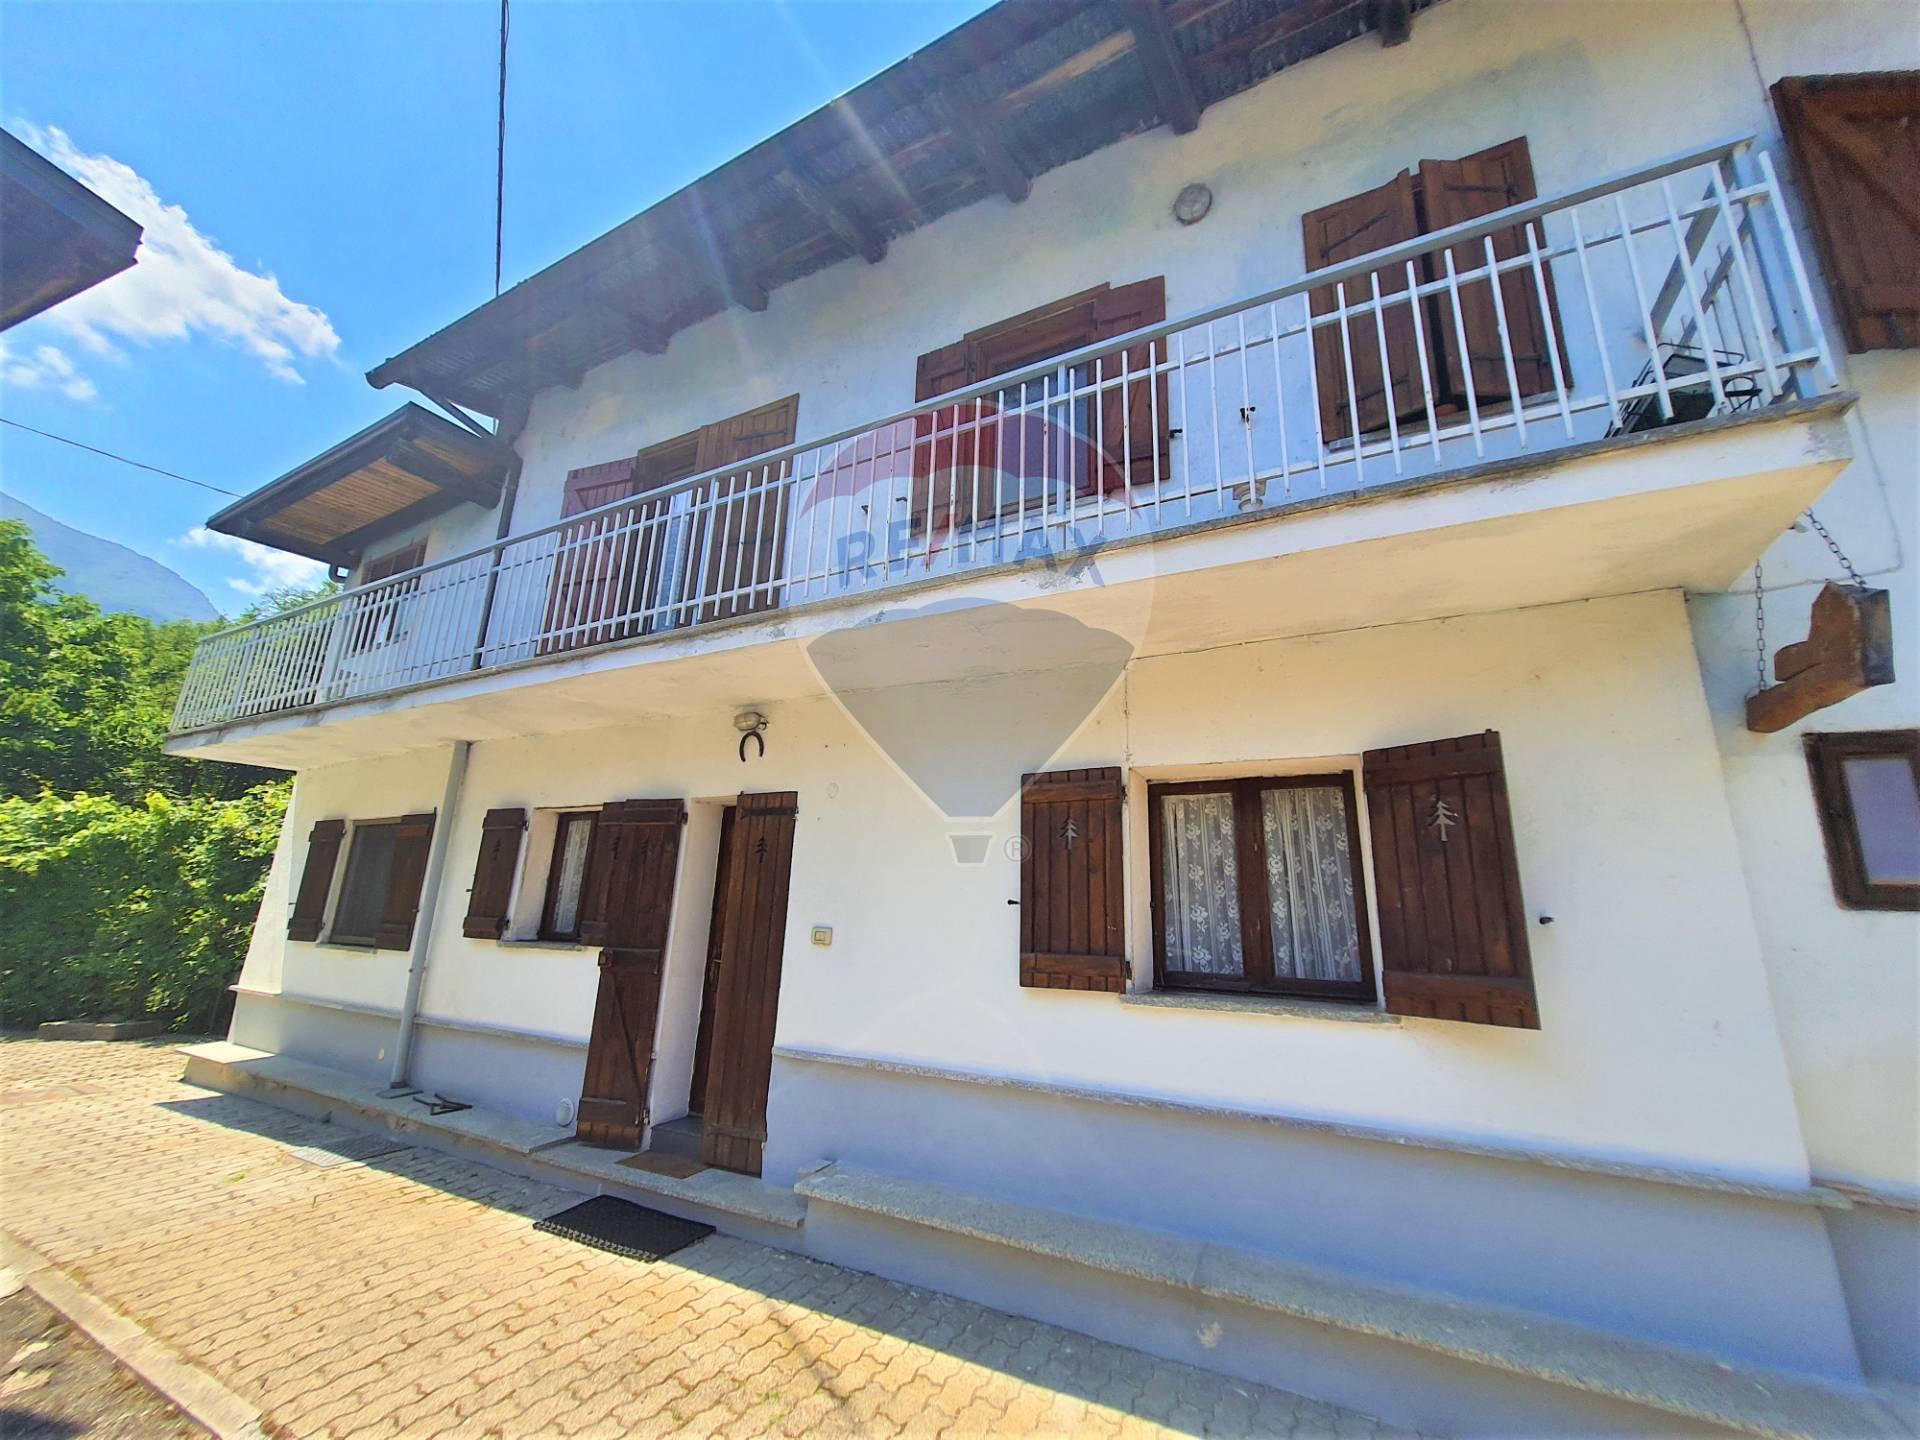 Soluzione Semindipendente in vendita a Moiola, 5 locali, prezzo € 98.000 | CambioCasa.it